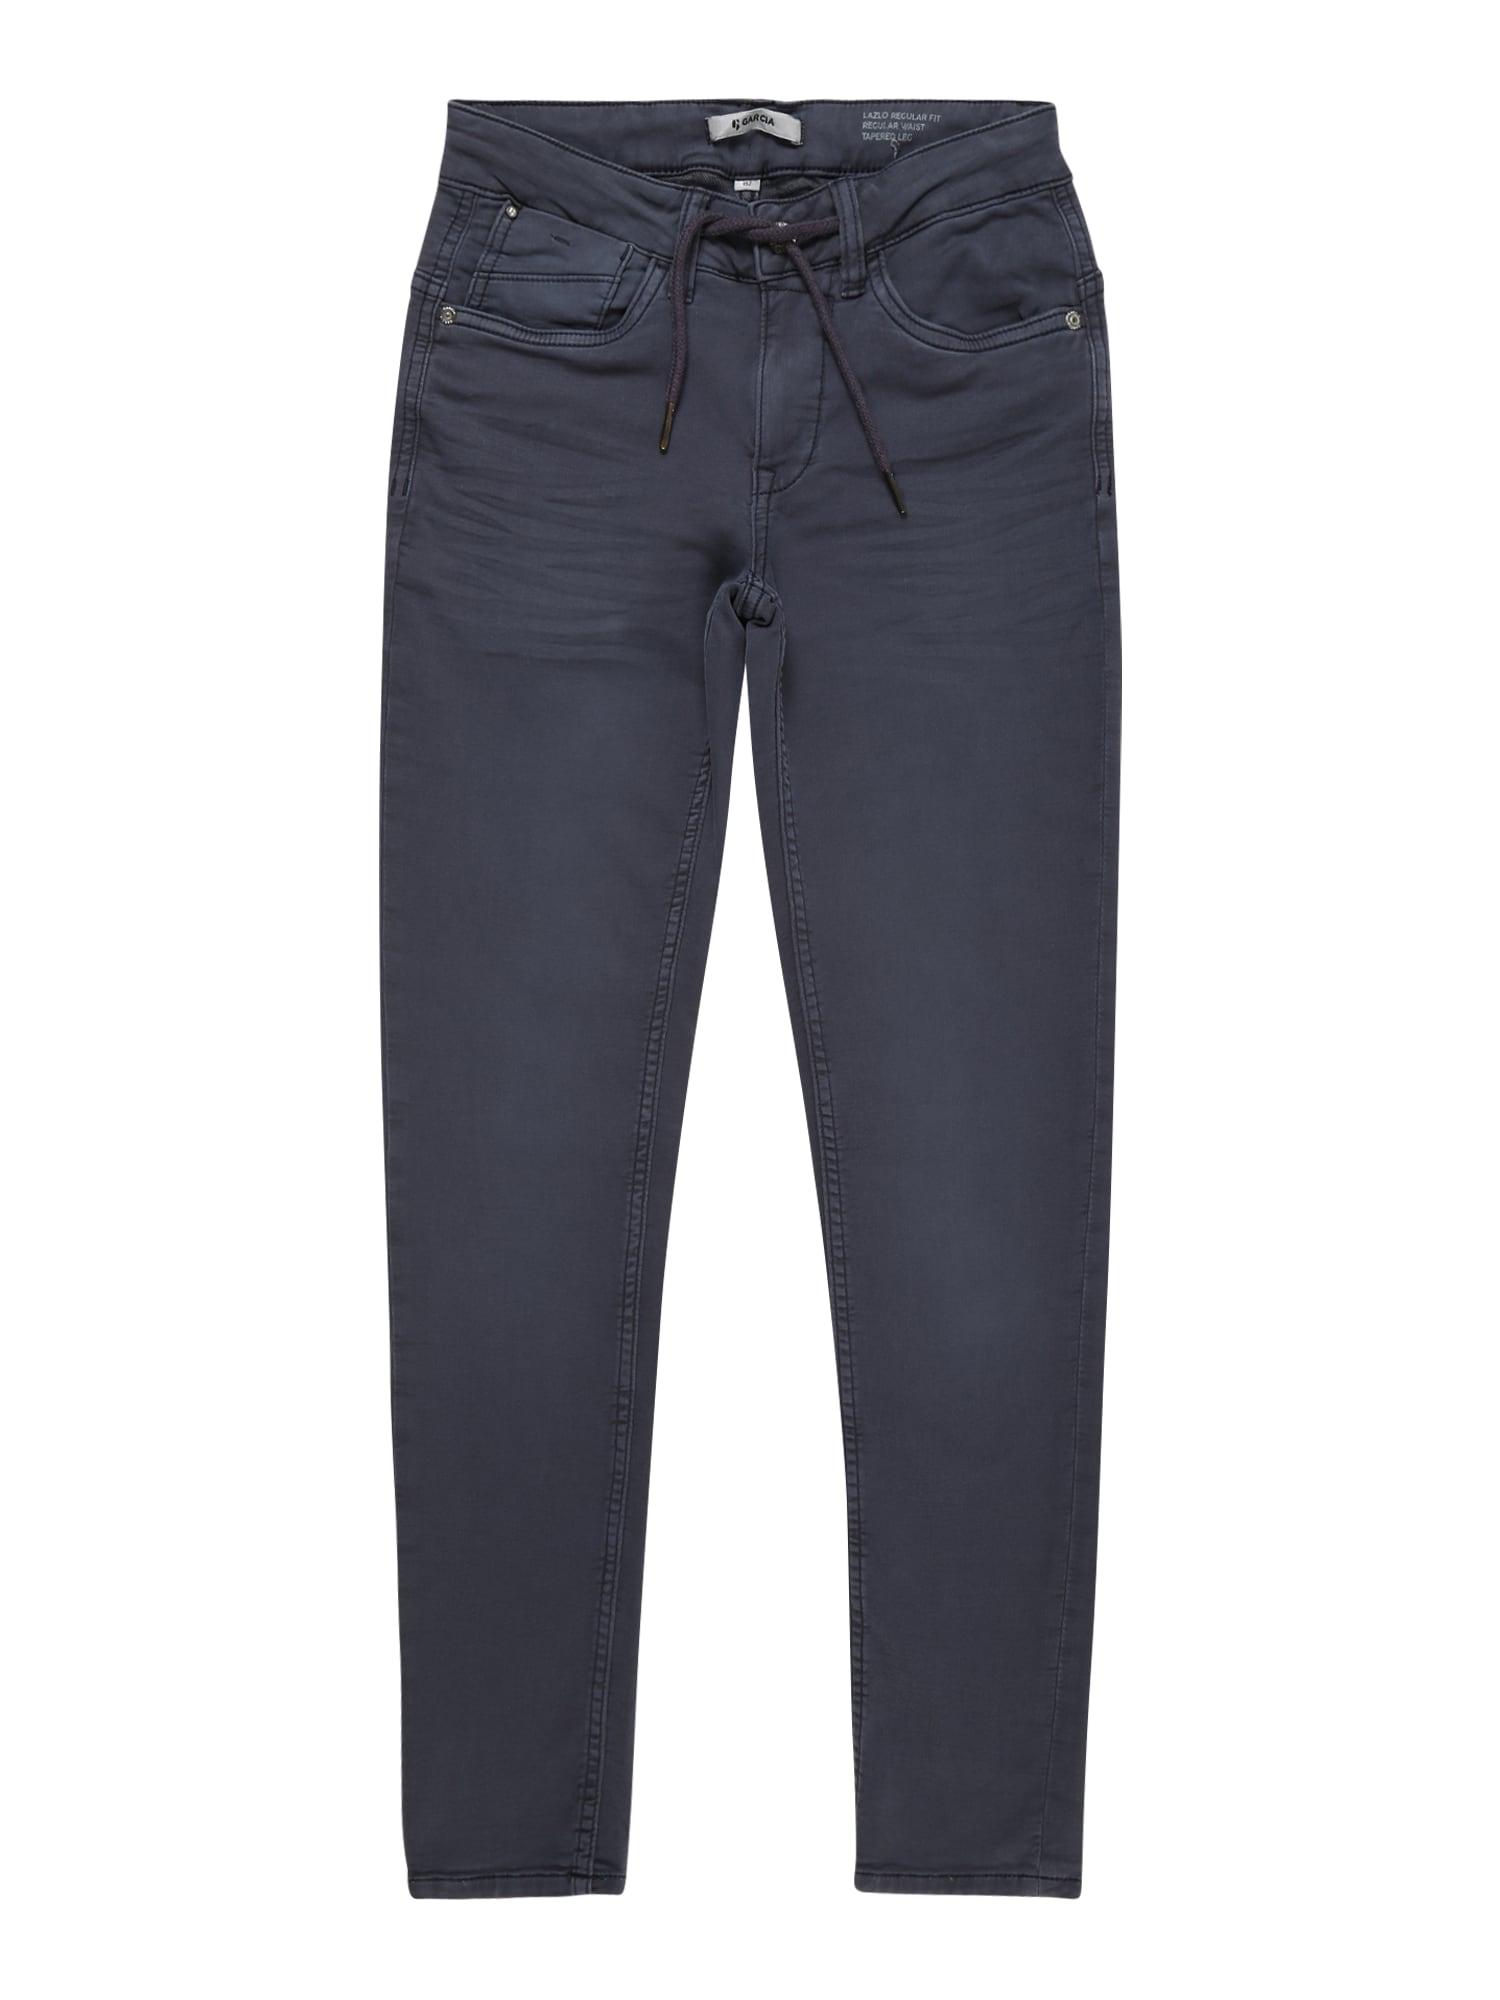 GARCIA Jean 'Lazlo'  - Bleu - Taille: 146 - boy